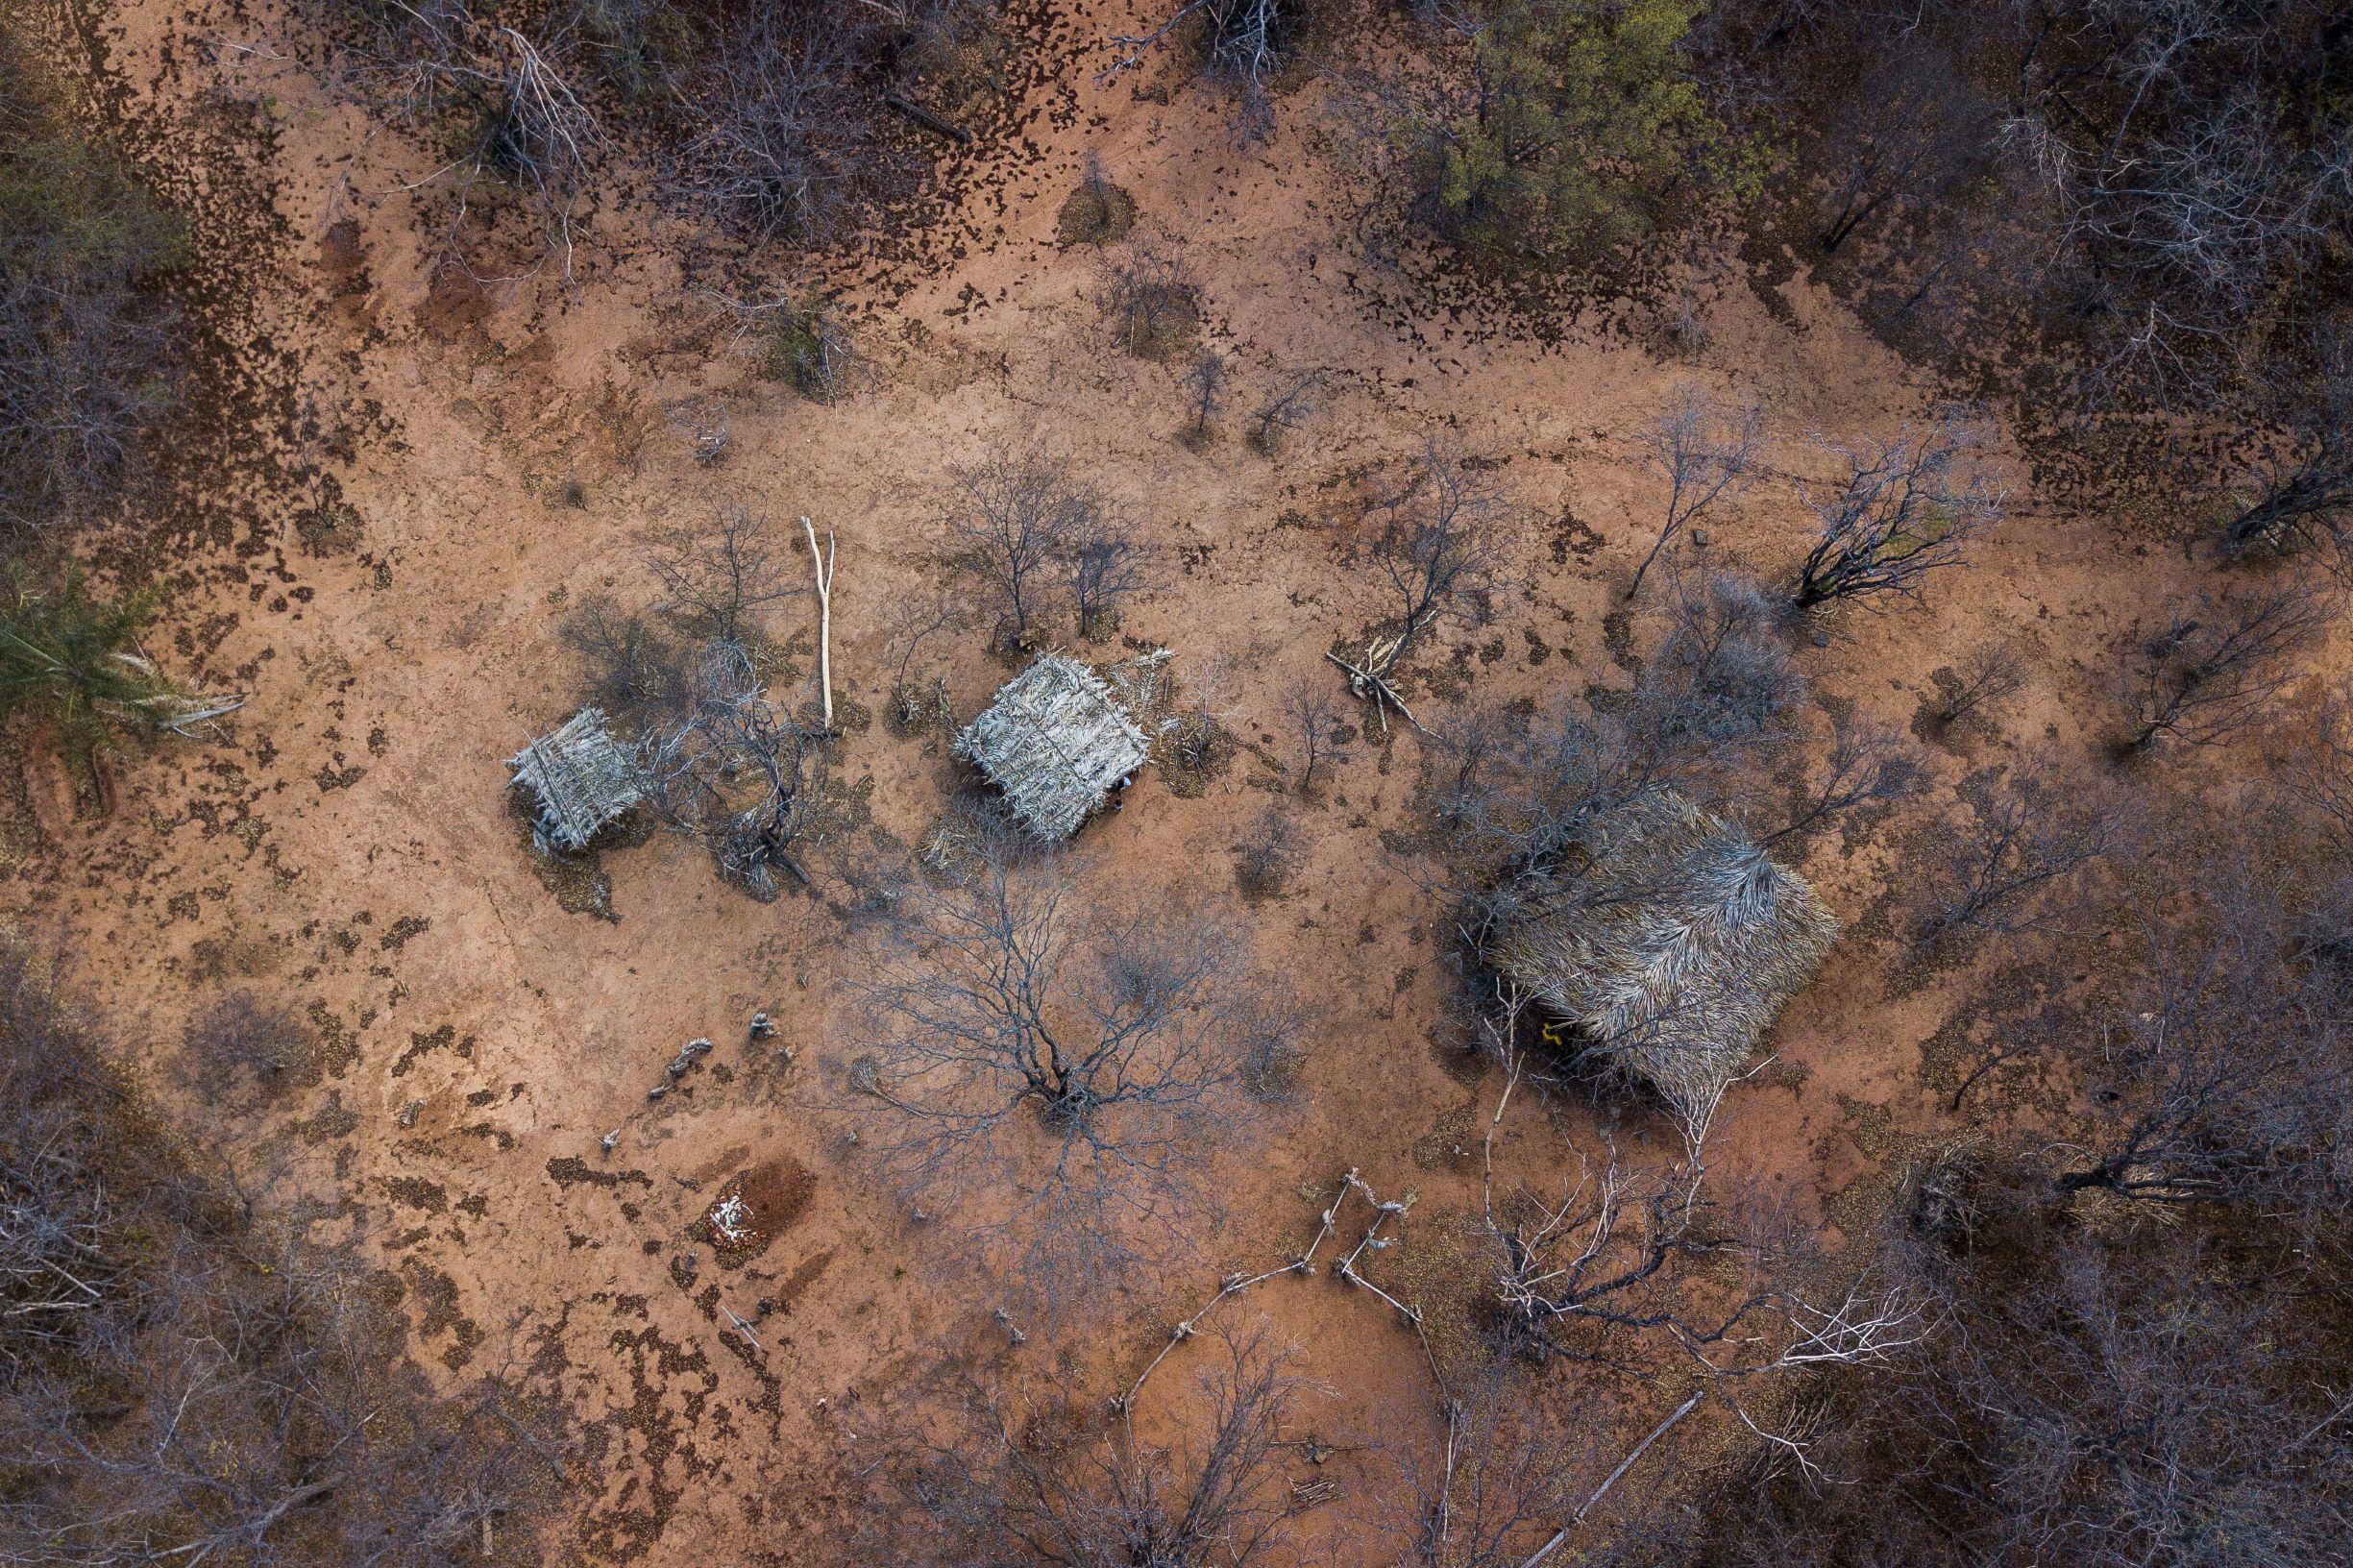 Casas de indígenas na reserva Xakriabá: restrição territorial e dependência externa (Foto: Flávio Tavares)